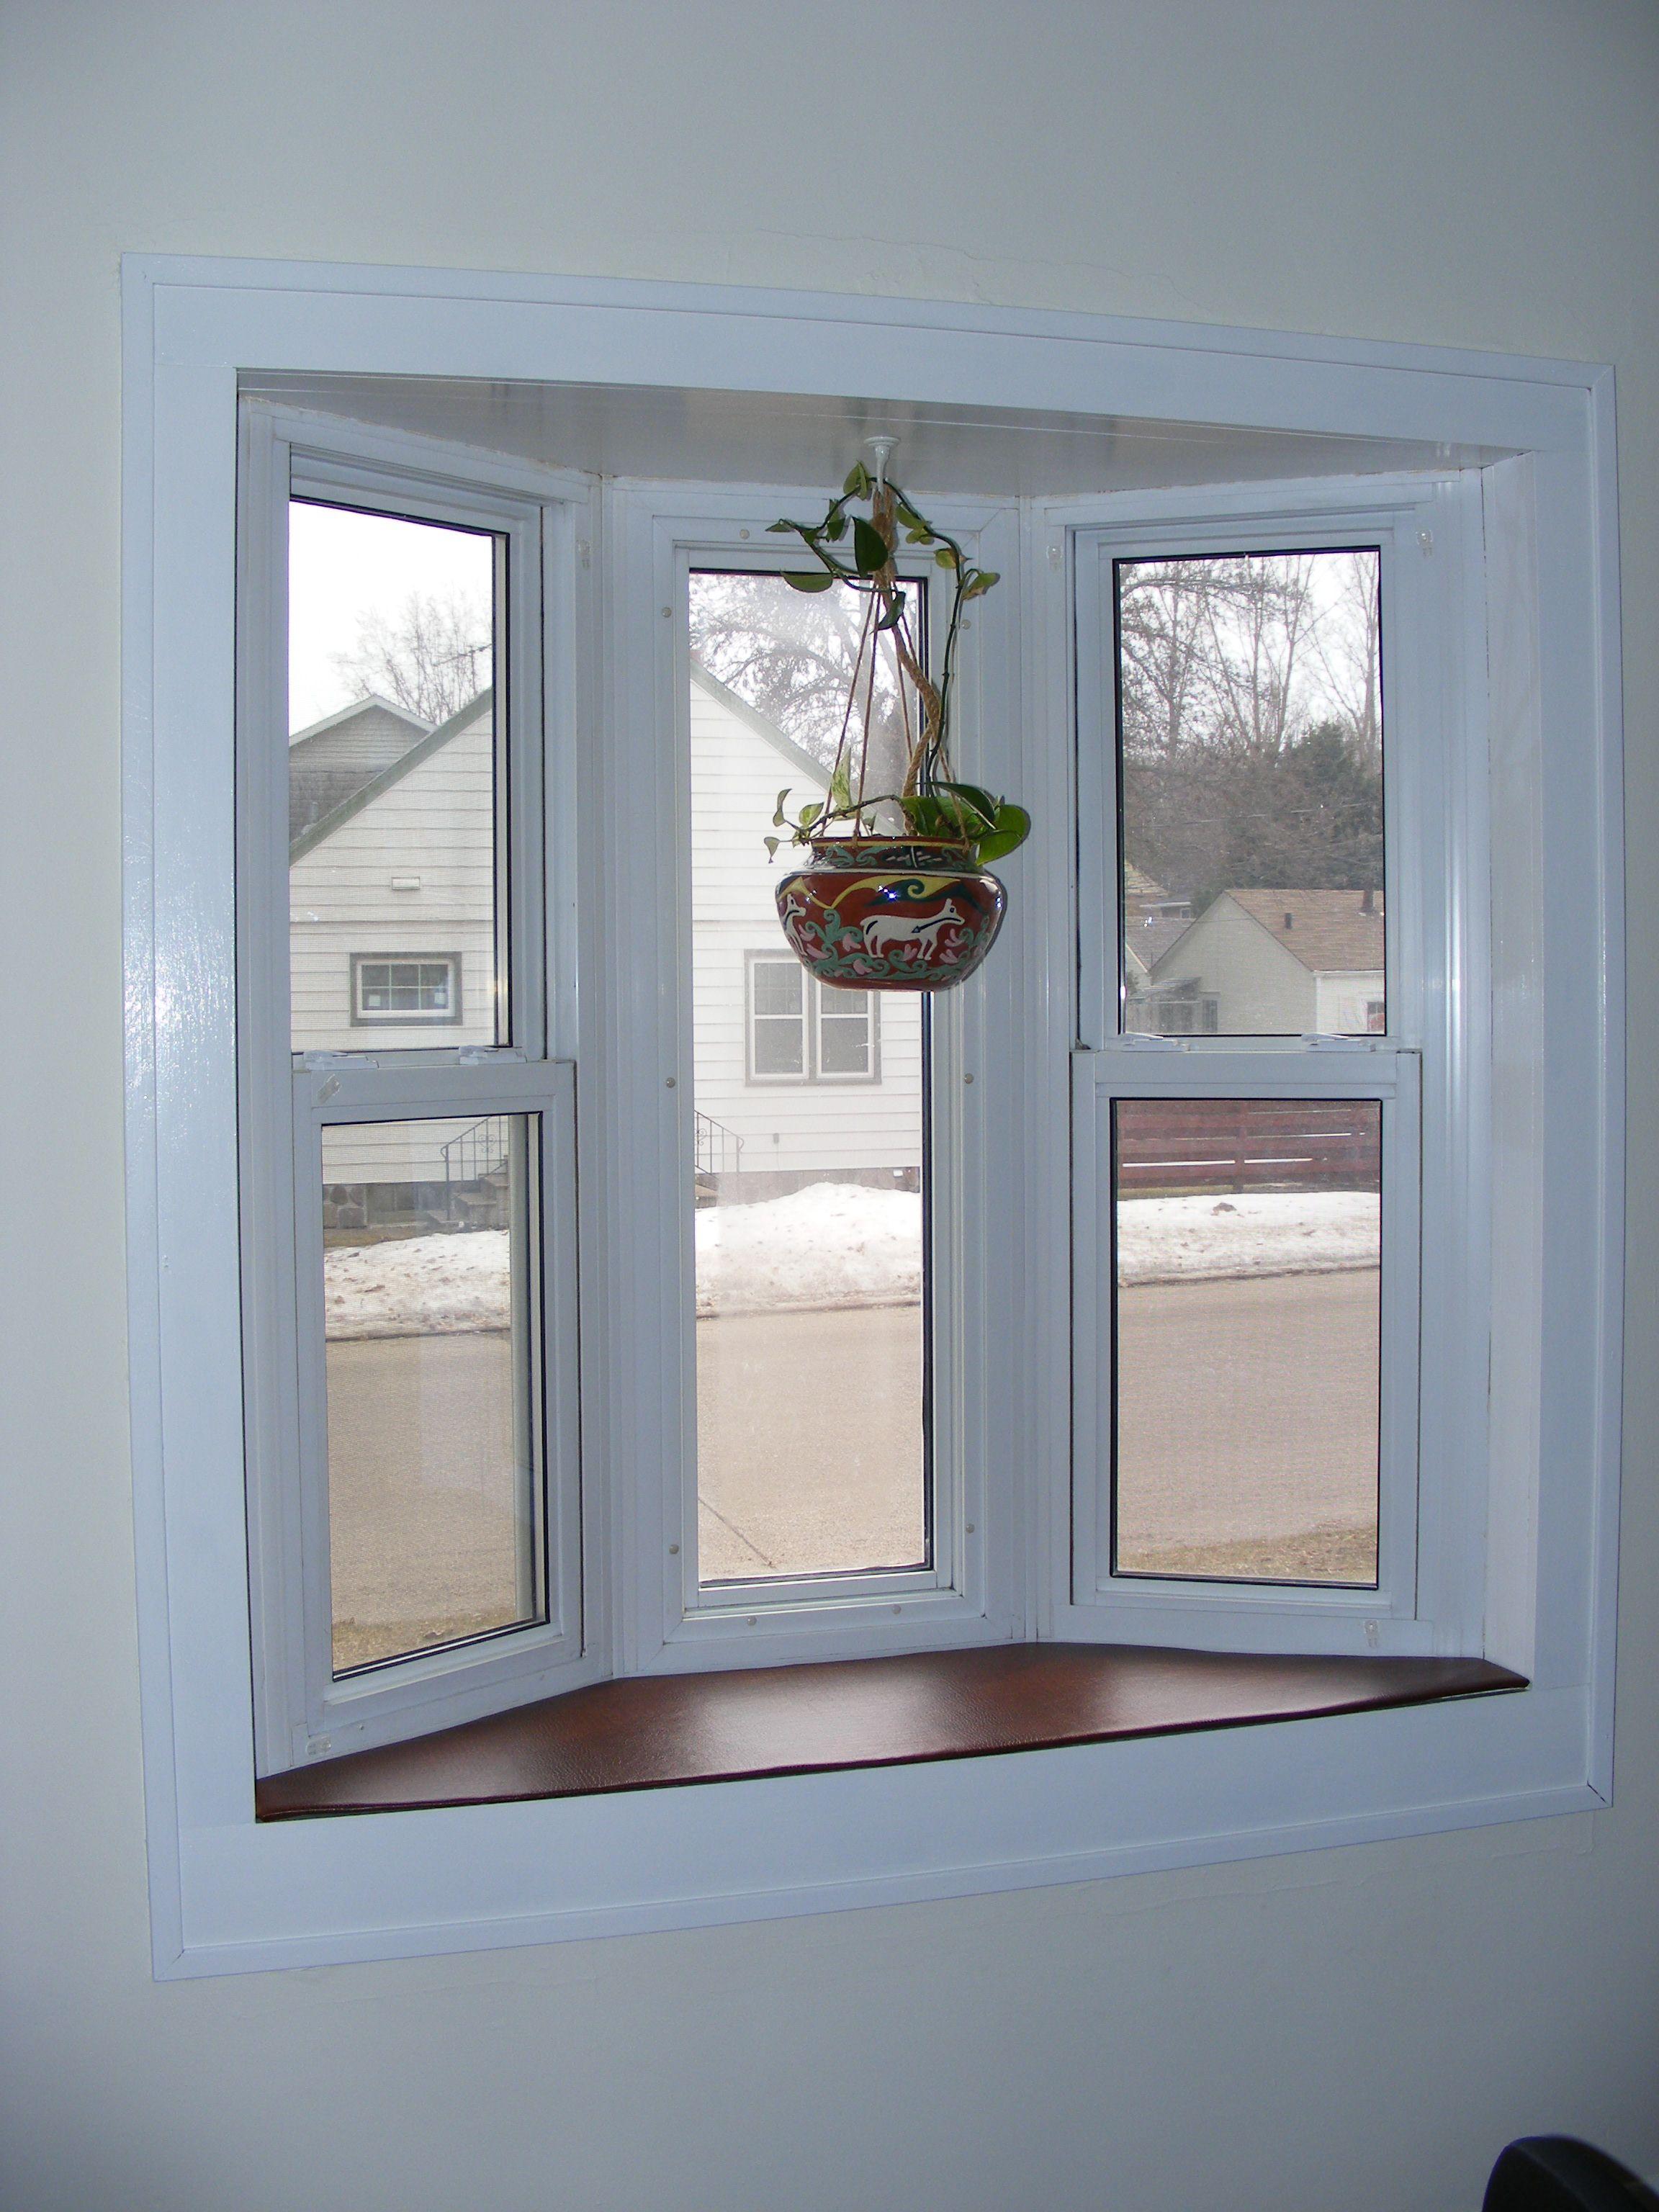 Bay window kitchens kitchens  Bay window, Windows, Kitchen bay window